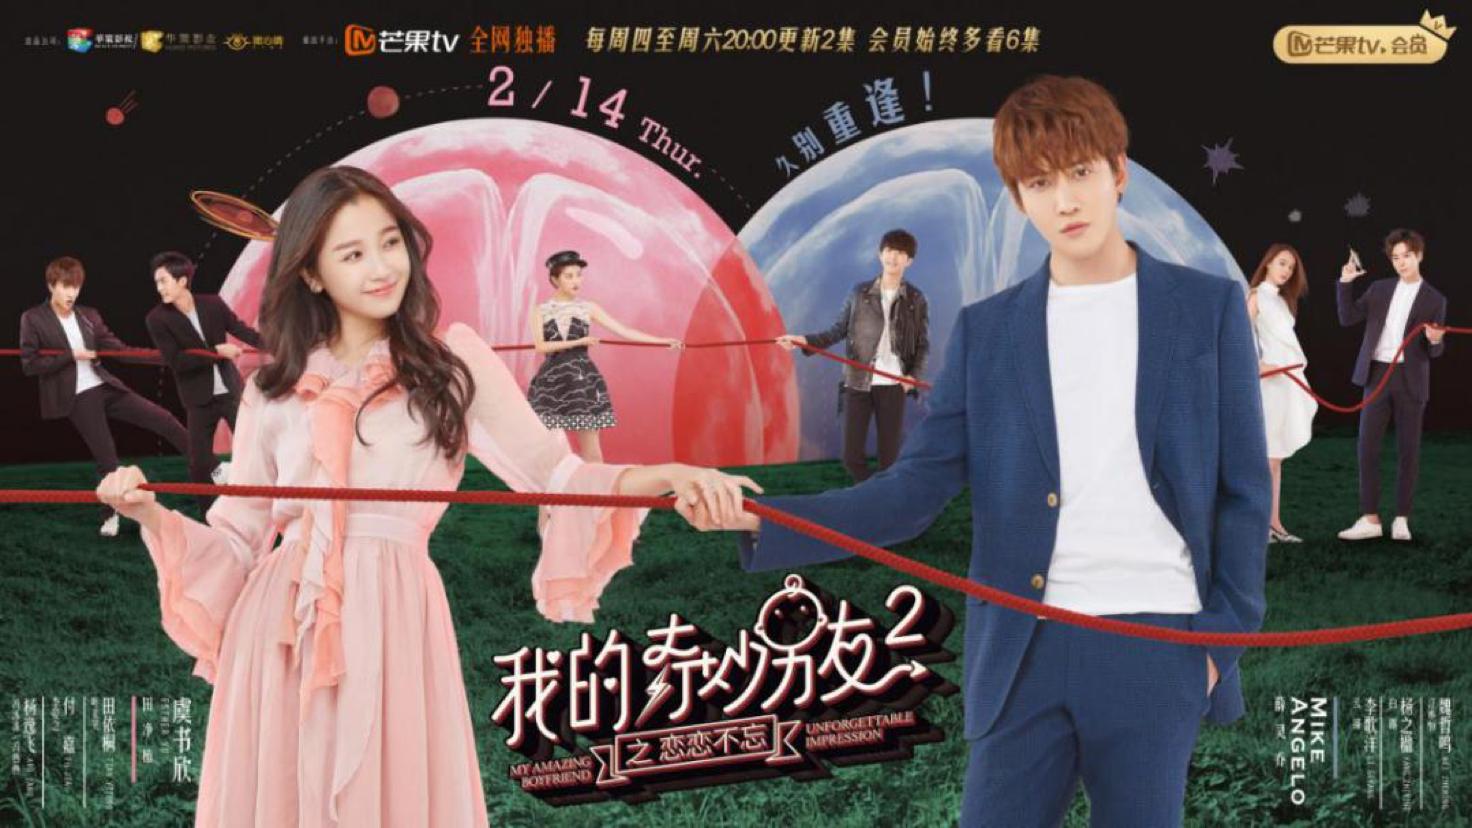 《我的奇妙男友2》甜蜜定档2.14,2019解丧神剧来袭